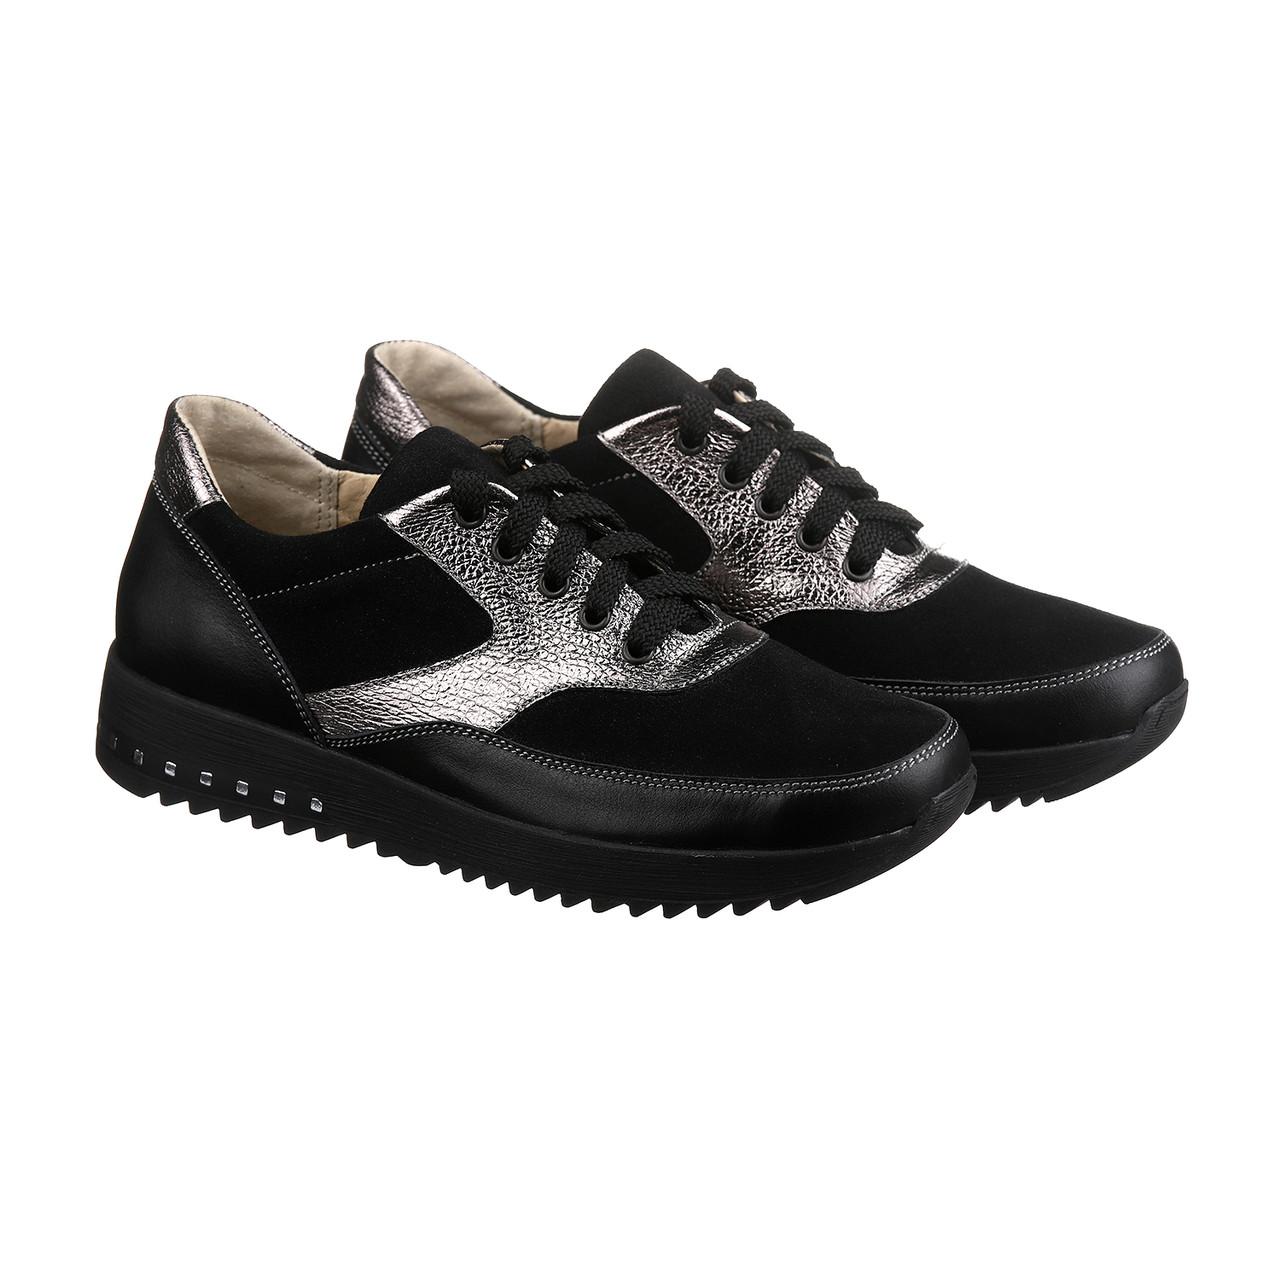 Осенние женские кроссовки черного цвета - Euro Shoes в Хмельницкой области c0dc106f216b7